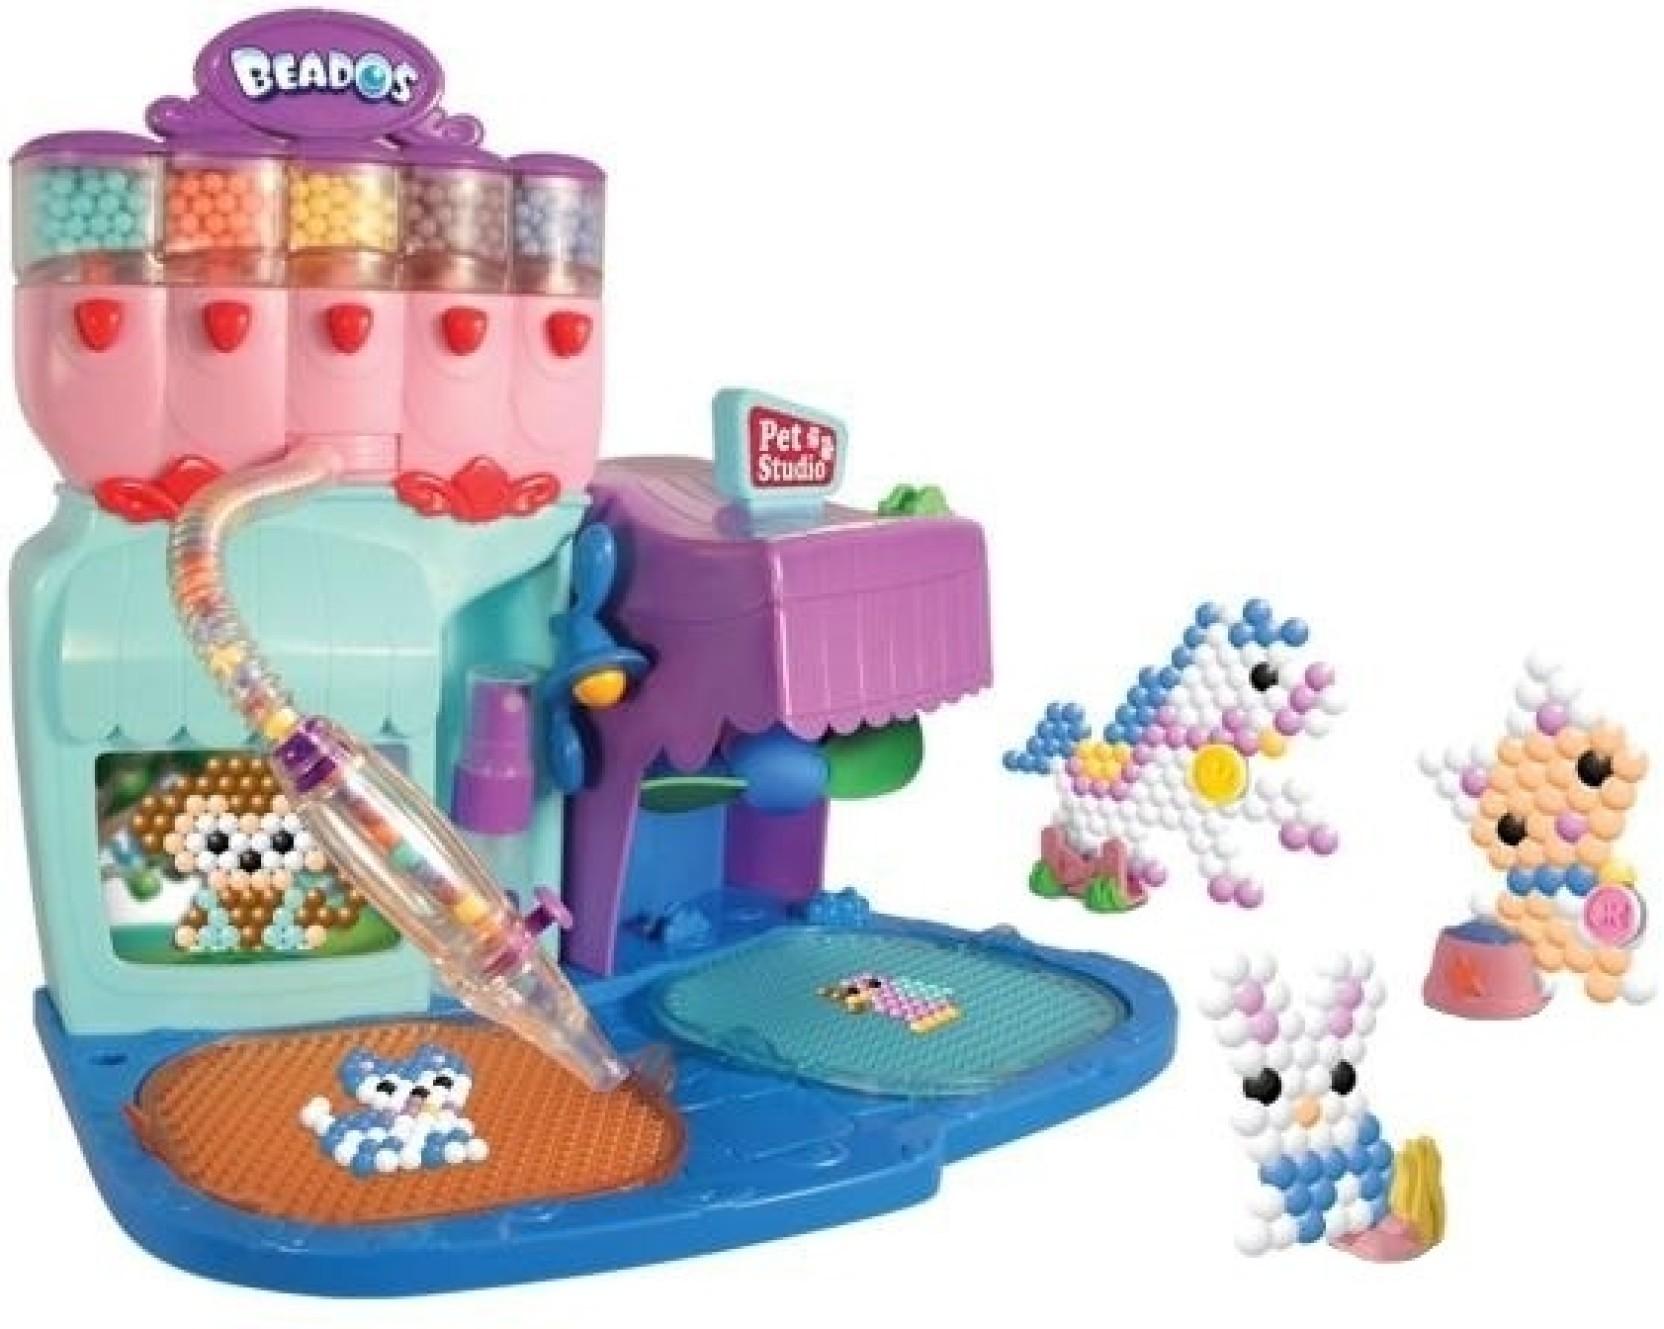 Girl Beados Toys : Beados pet pals studio shop